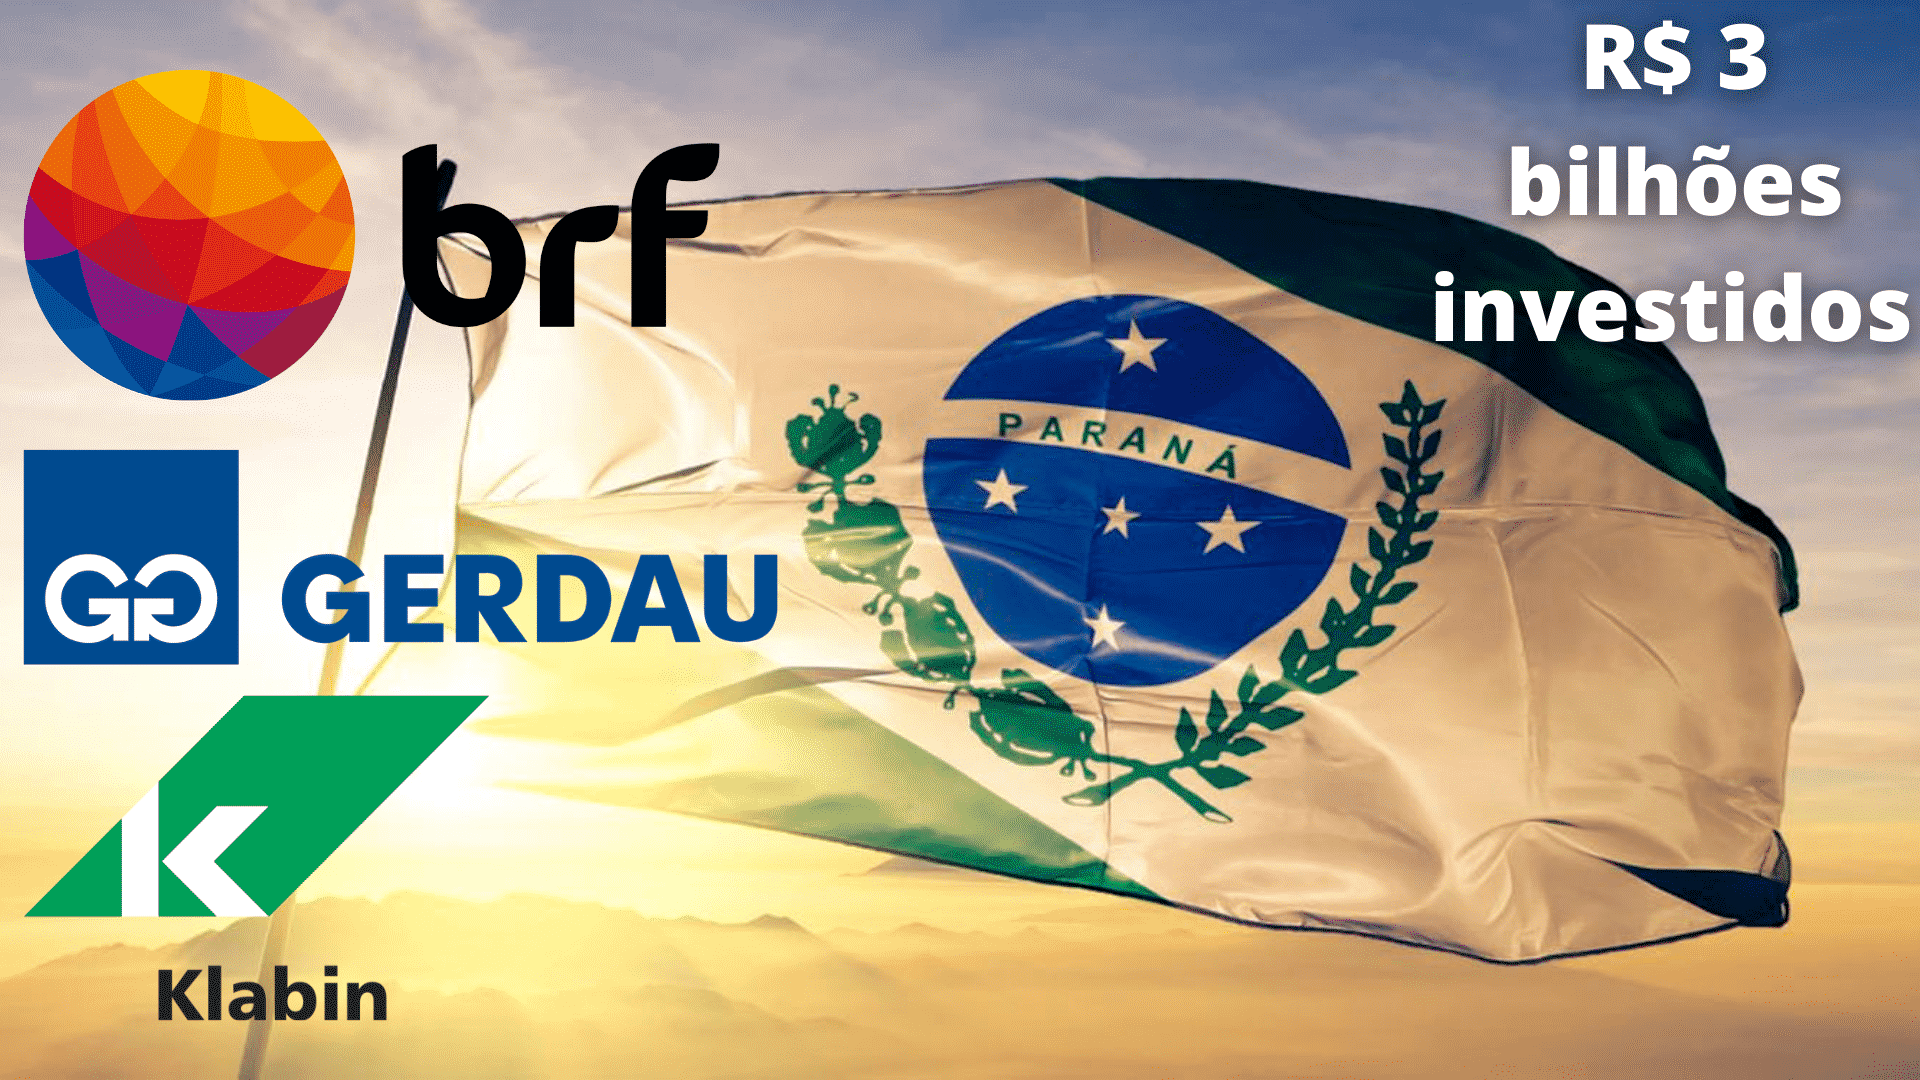 Paraná – Klabin – BRF - Gerdau